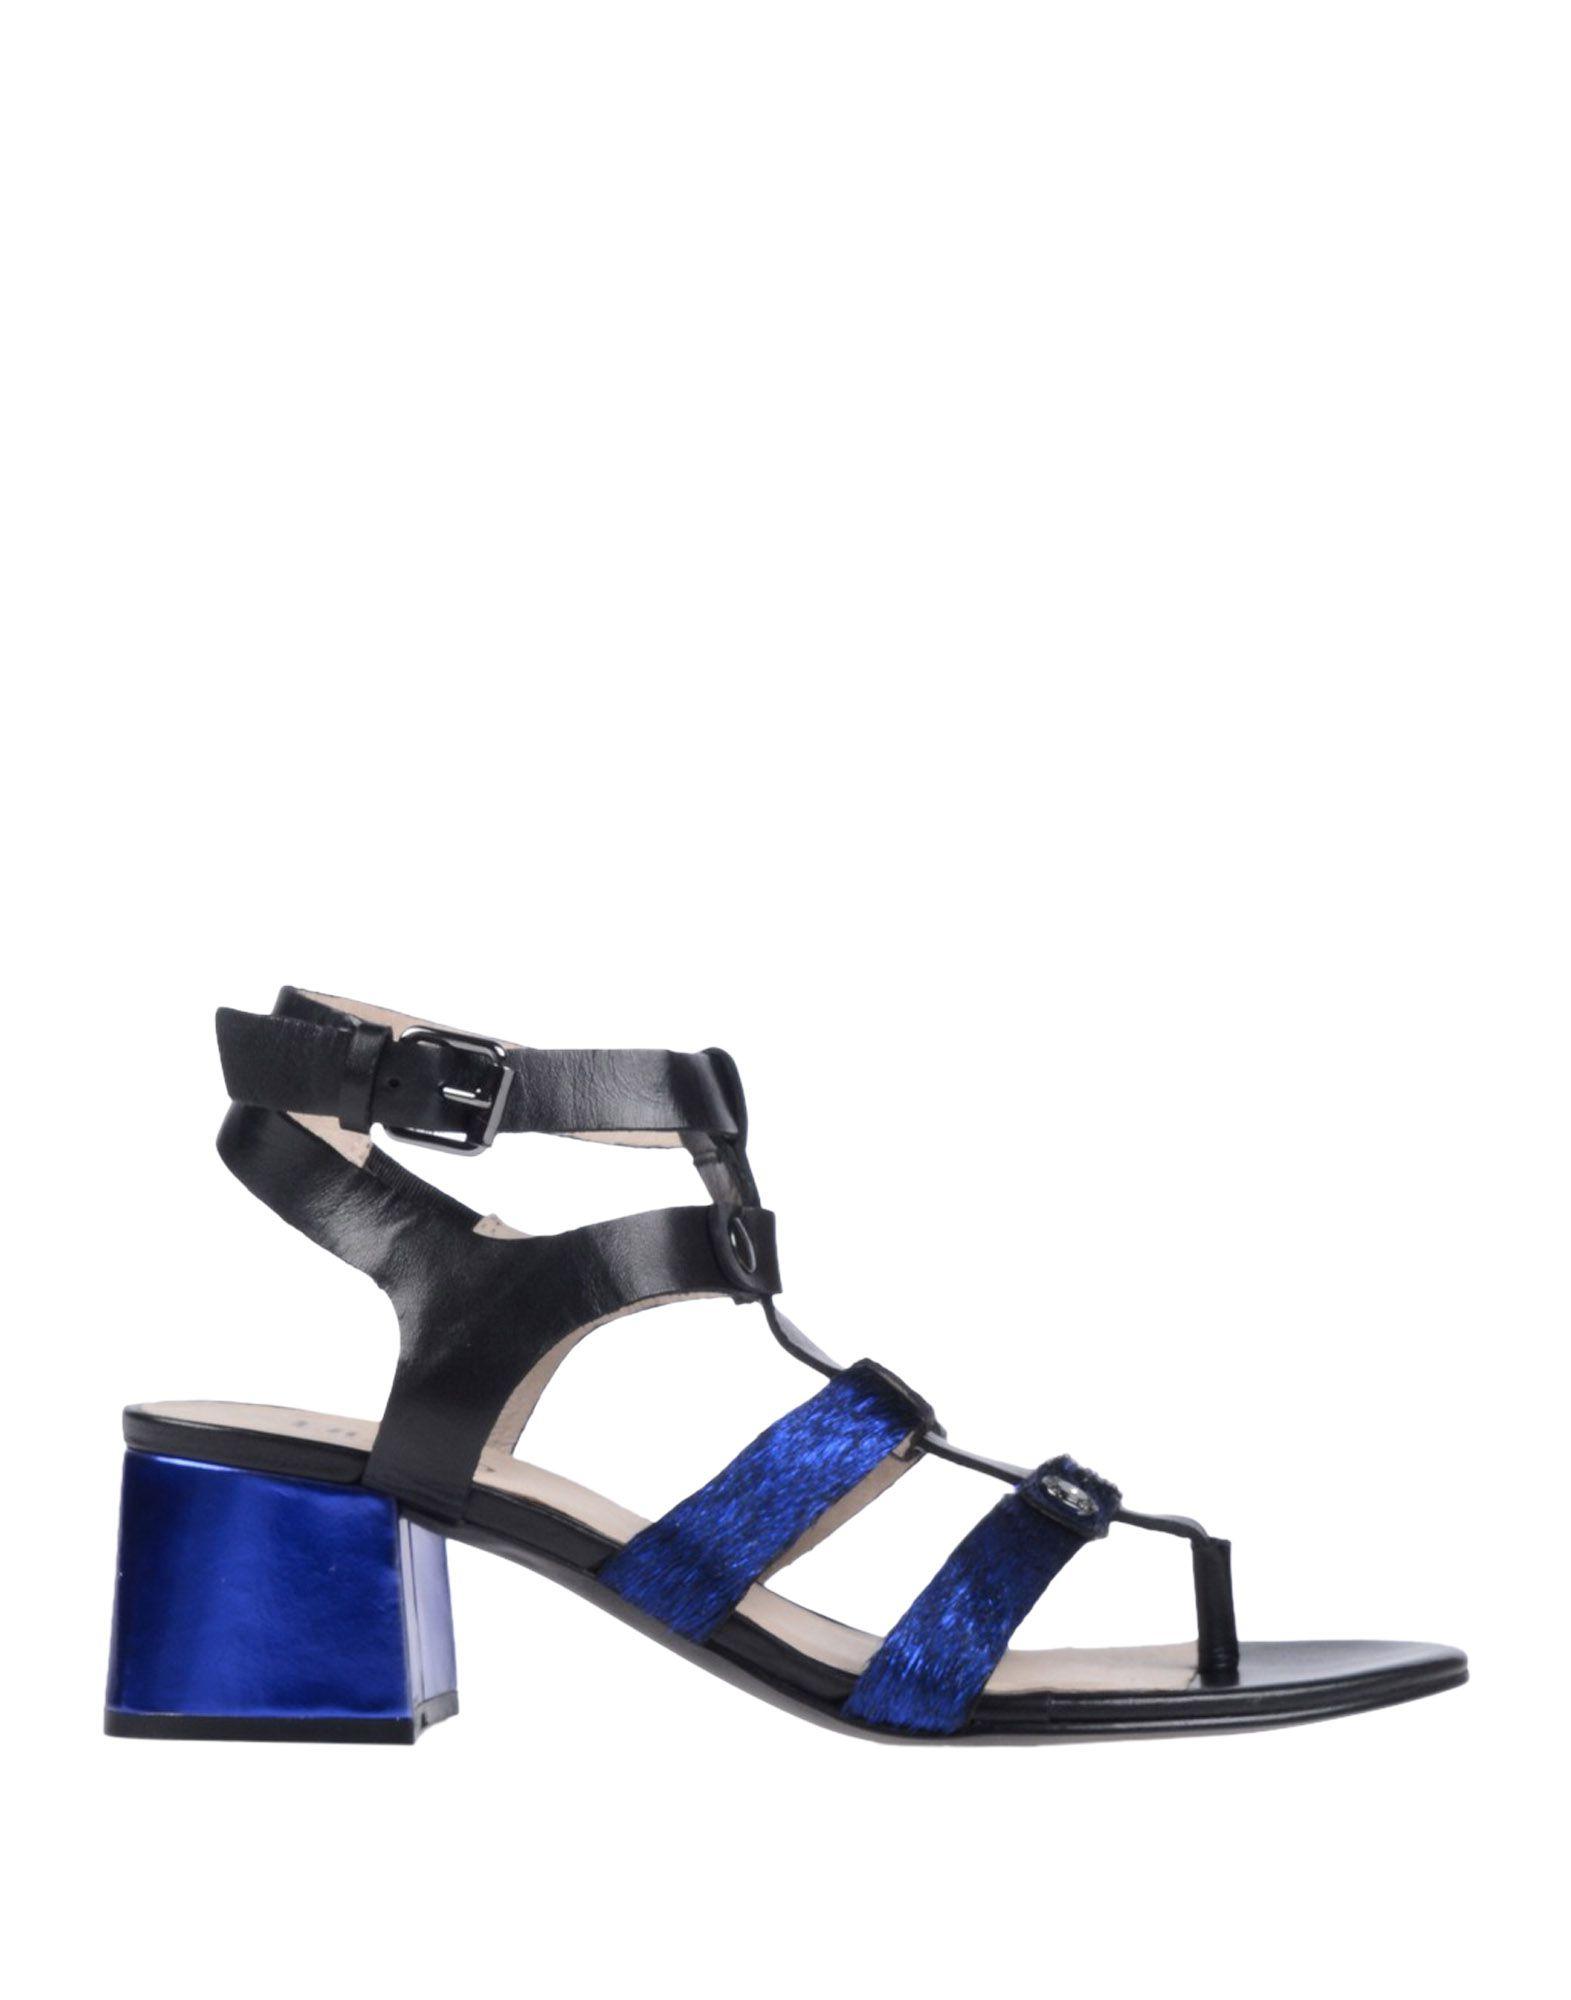 Liu •Jo Shoes Flip Flops - Women Liu •Jo Shoes  Flip Flops online on  Shoes Australia - 11519605MG 5d13dc